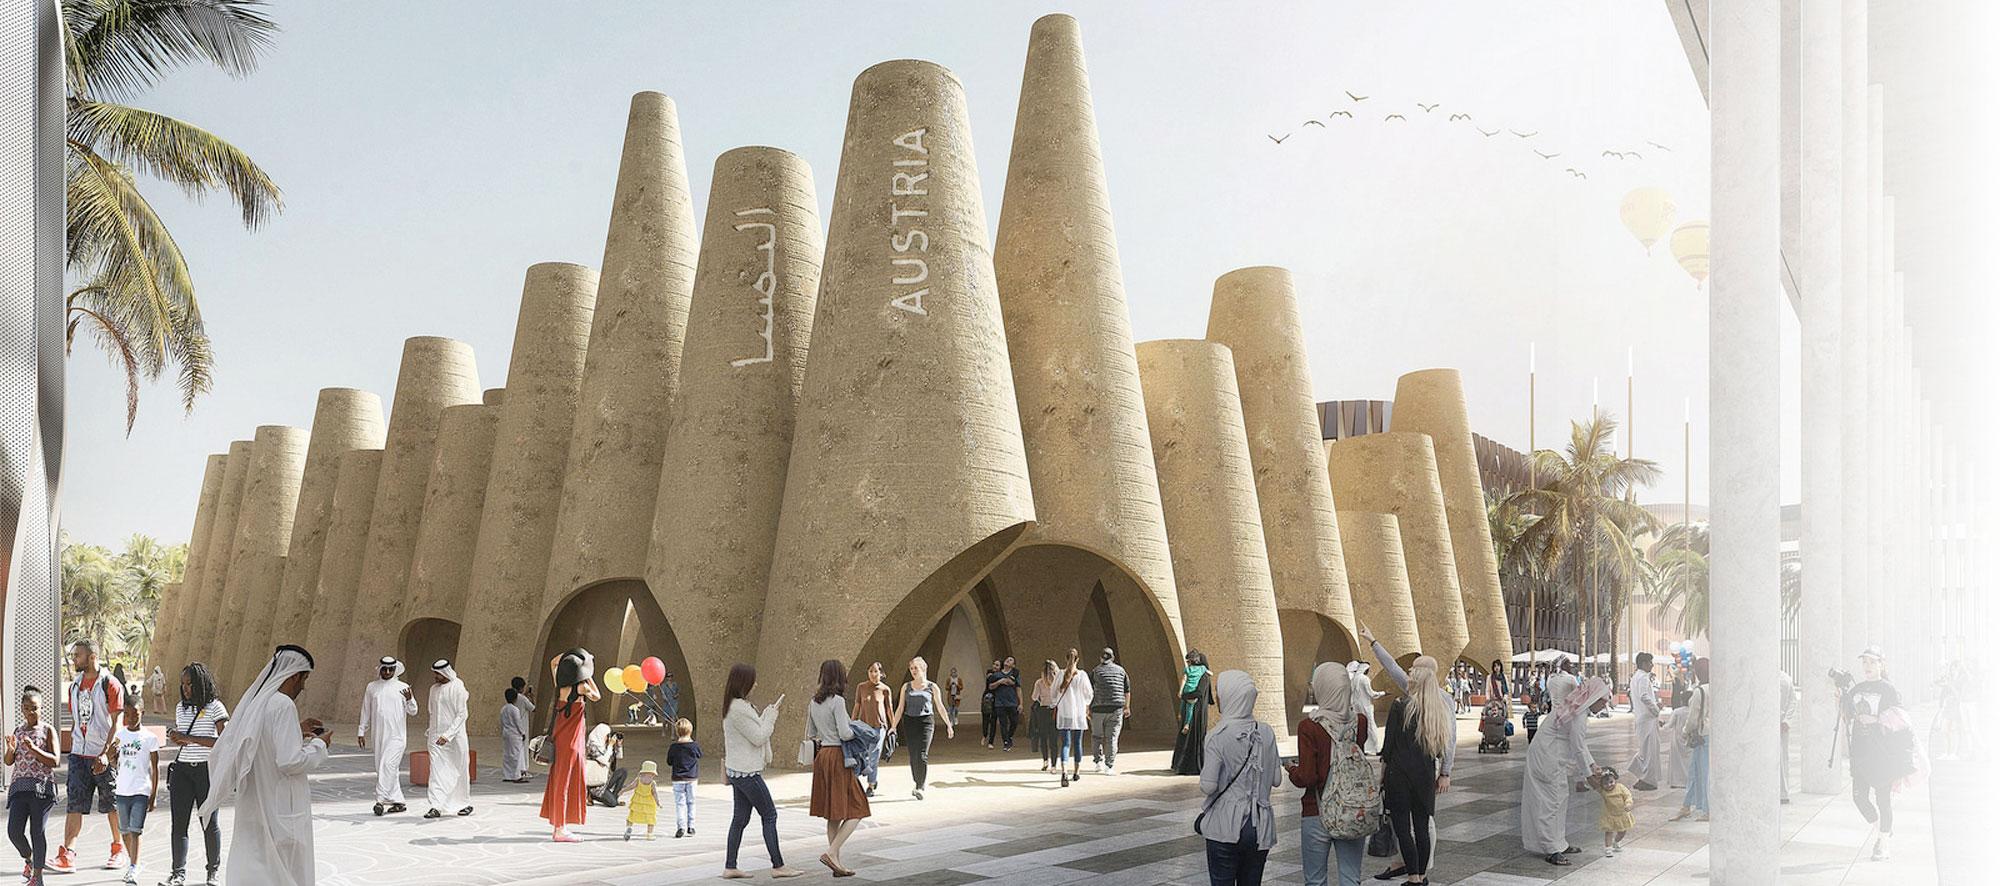 Pabellón Austriaco de la Expo 2020 Dubai por querkraft architekten. Imagen © querkraft architekten - bagienski